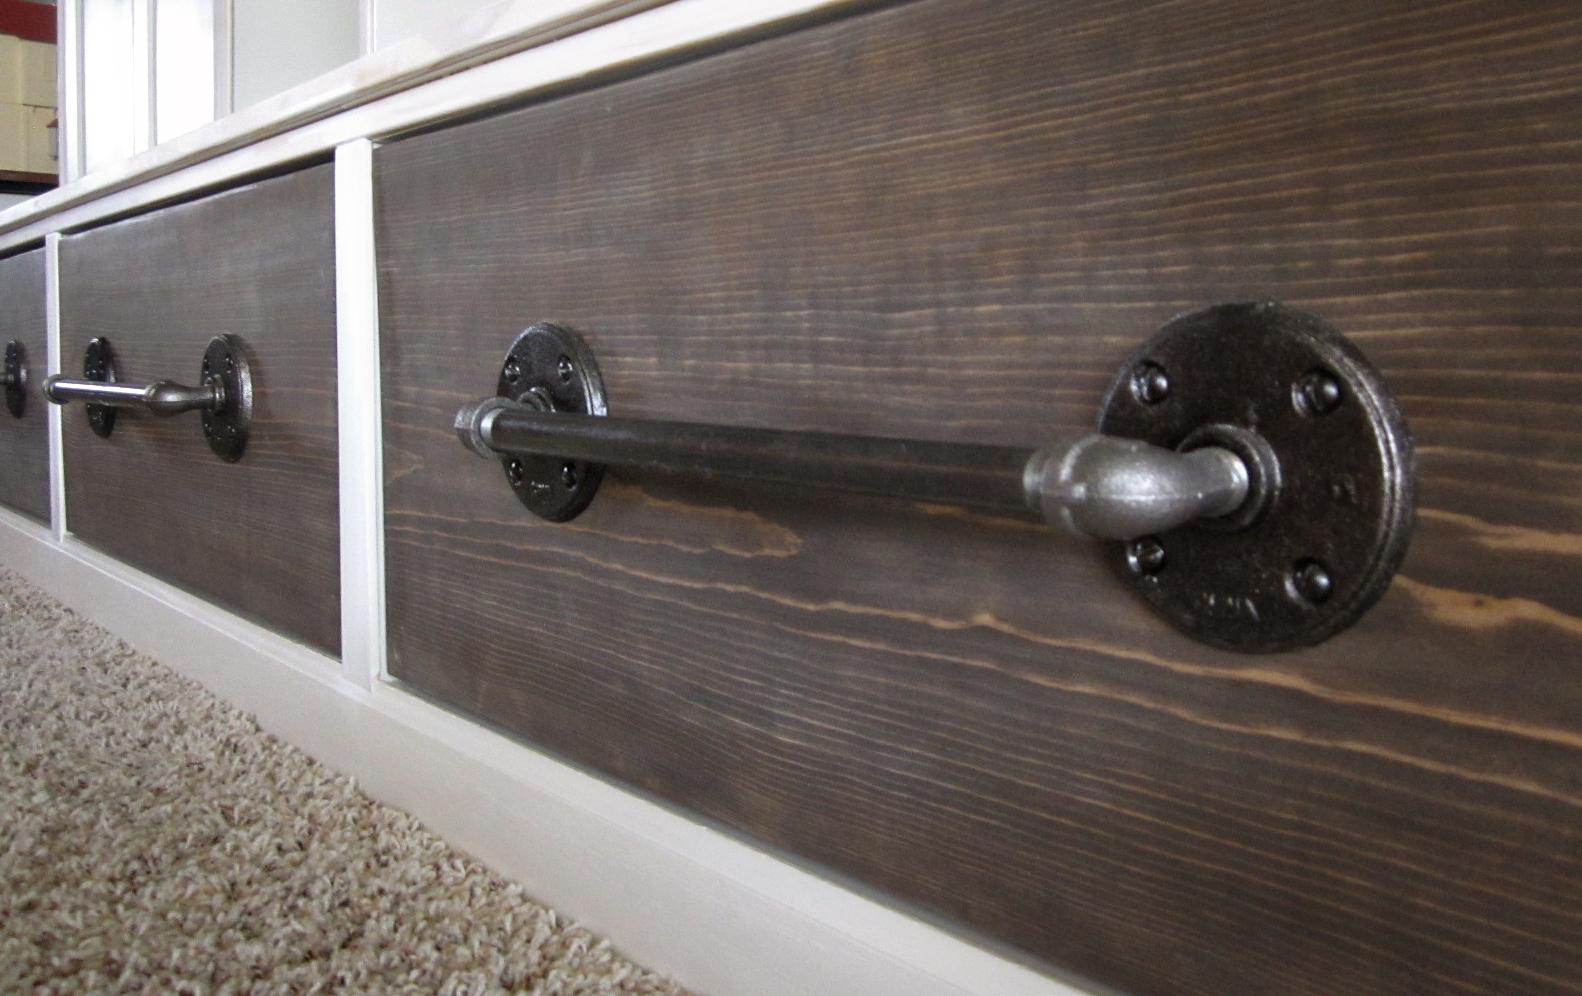 KrisKraft: Industrial-Look Drawer Pulls